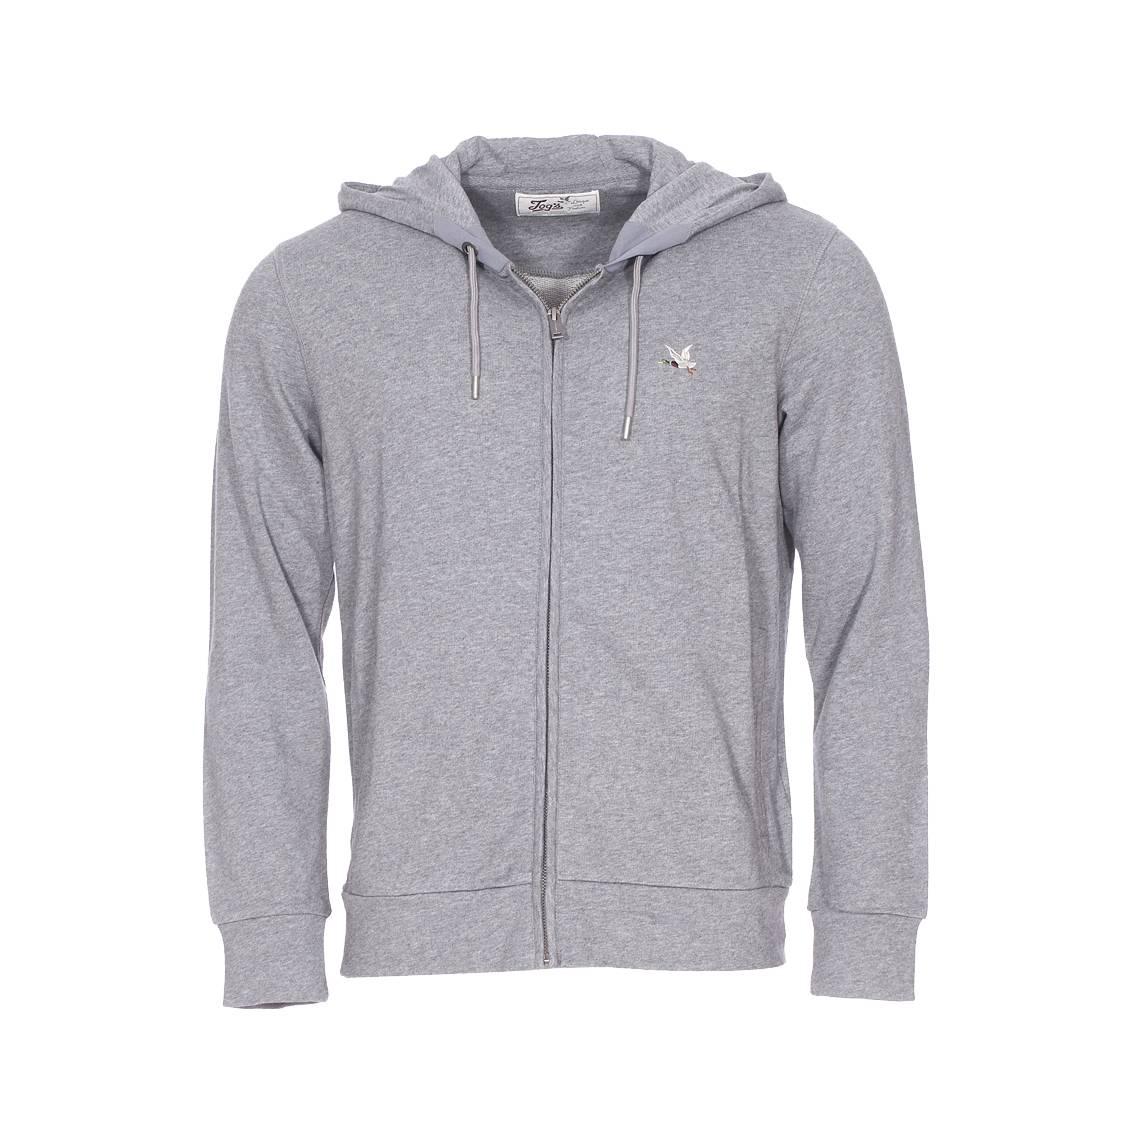 907fcb24472776 Boutique Chevignon homme - Vêtements et accessoires Chevignon pour ...